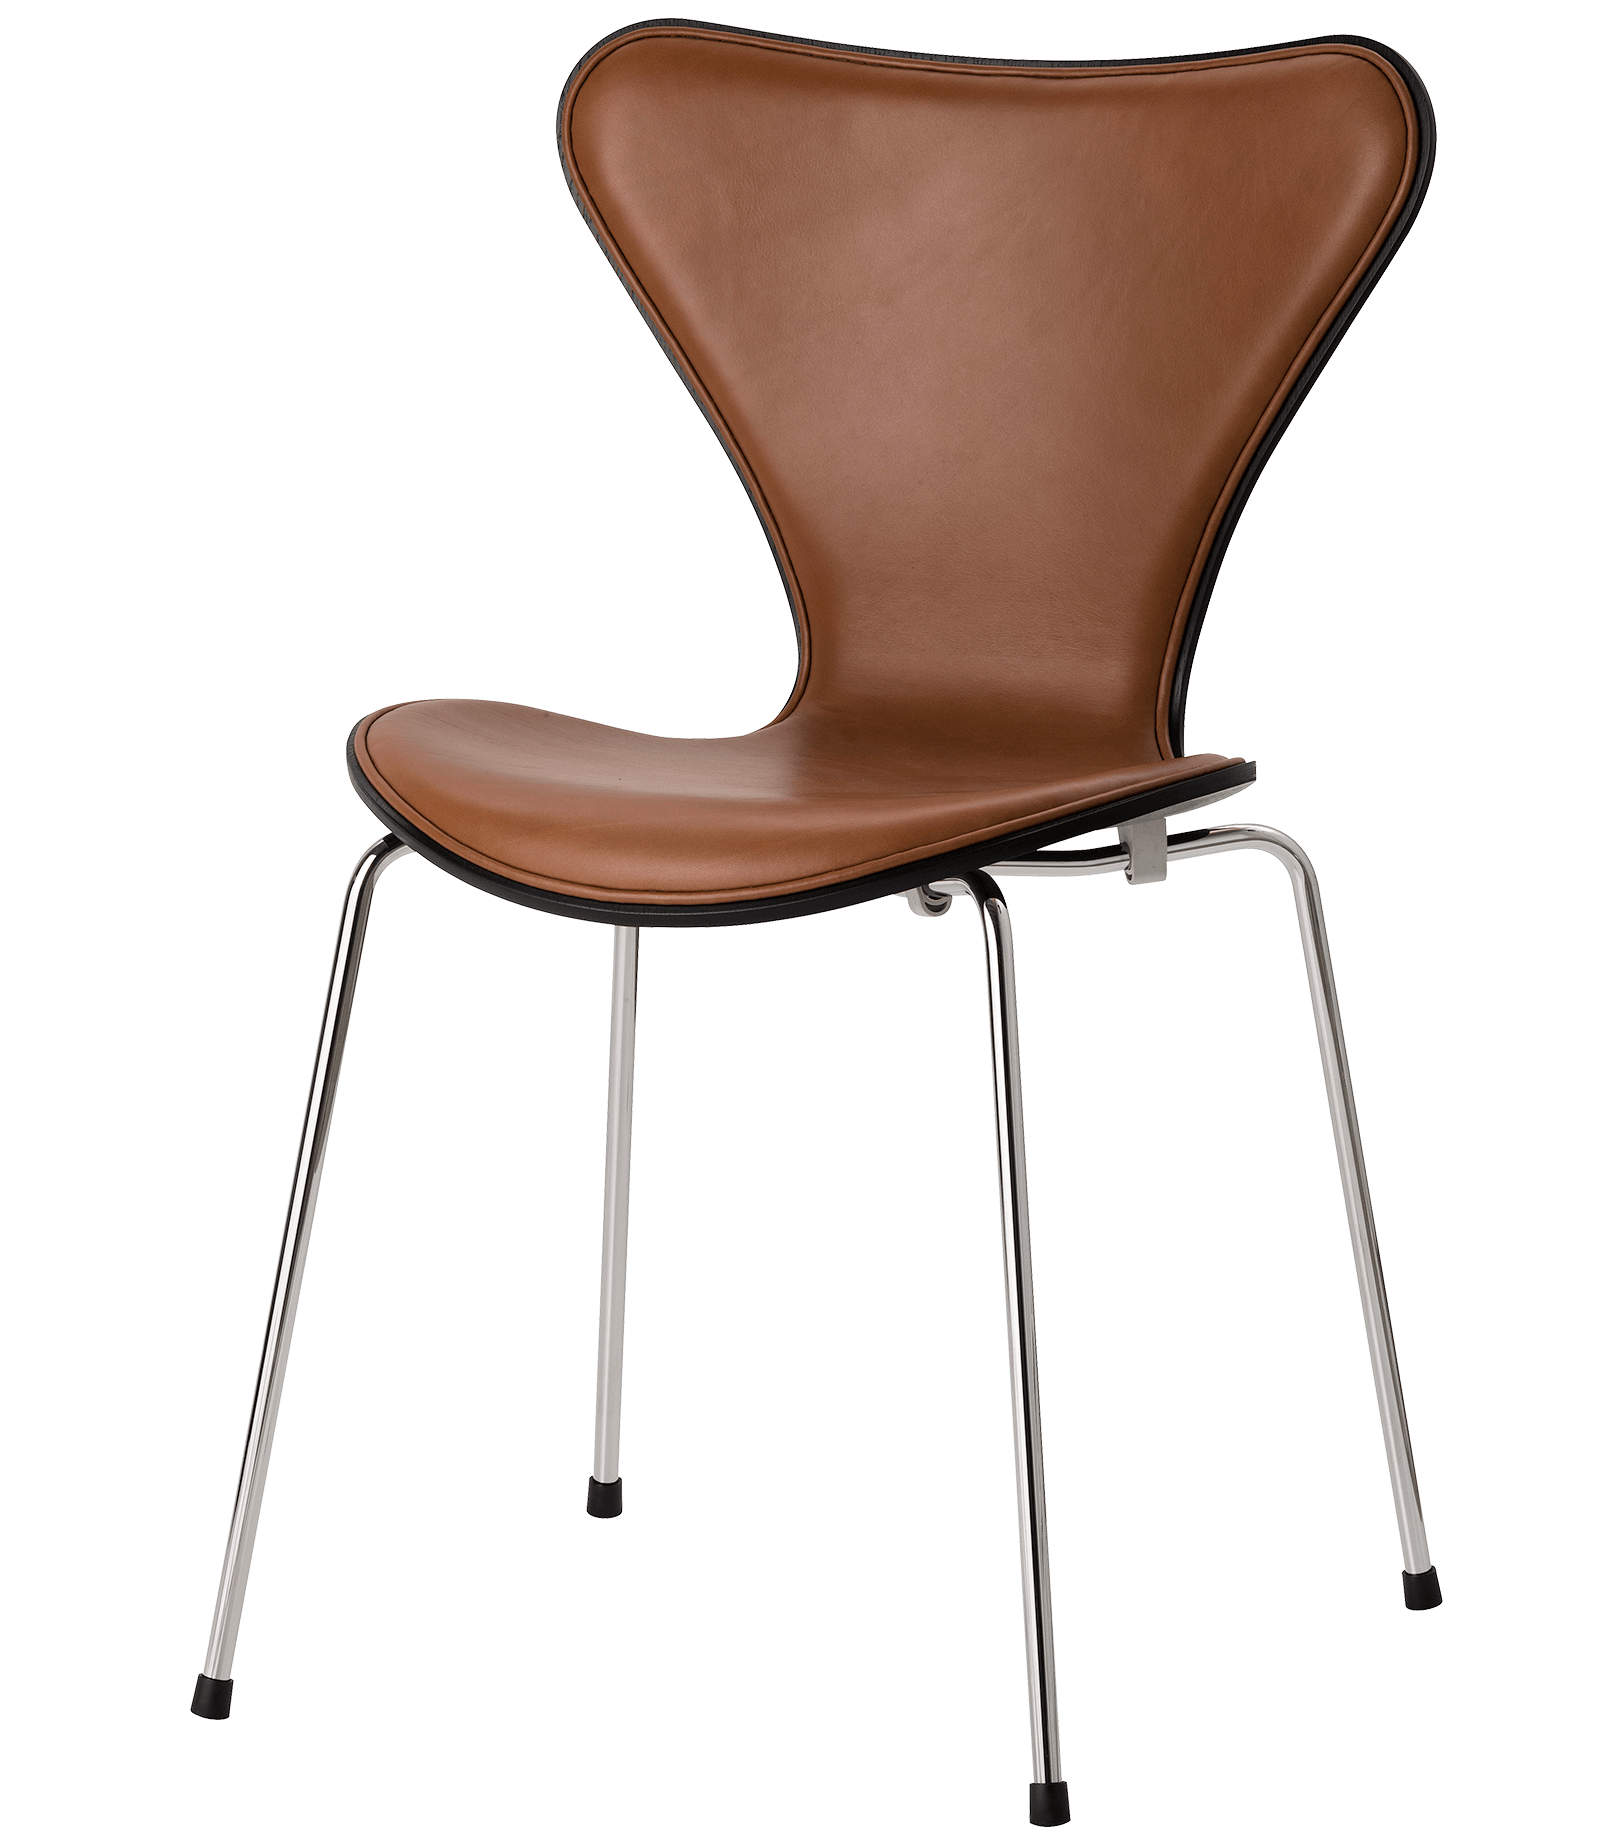 serie 7 chair